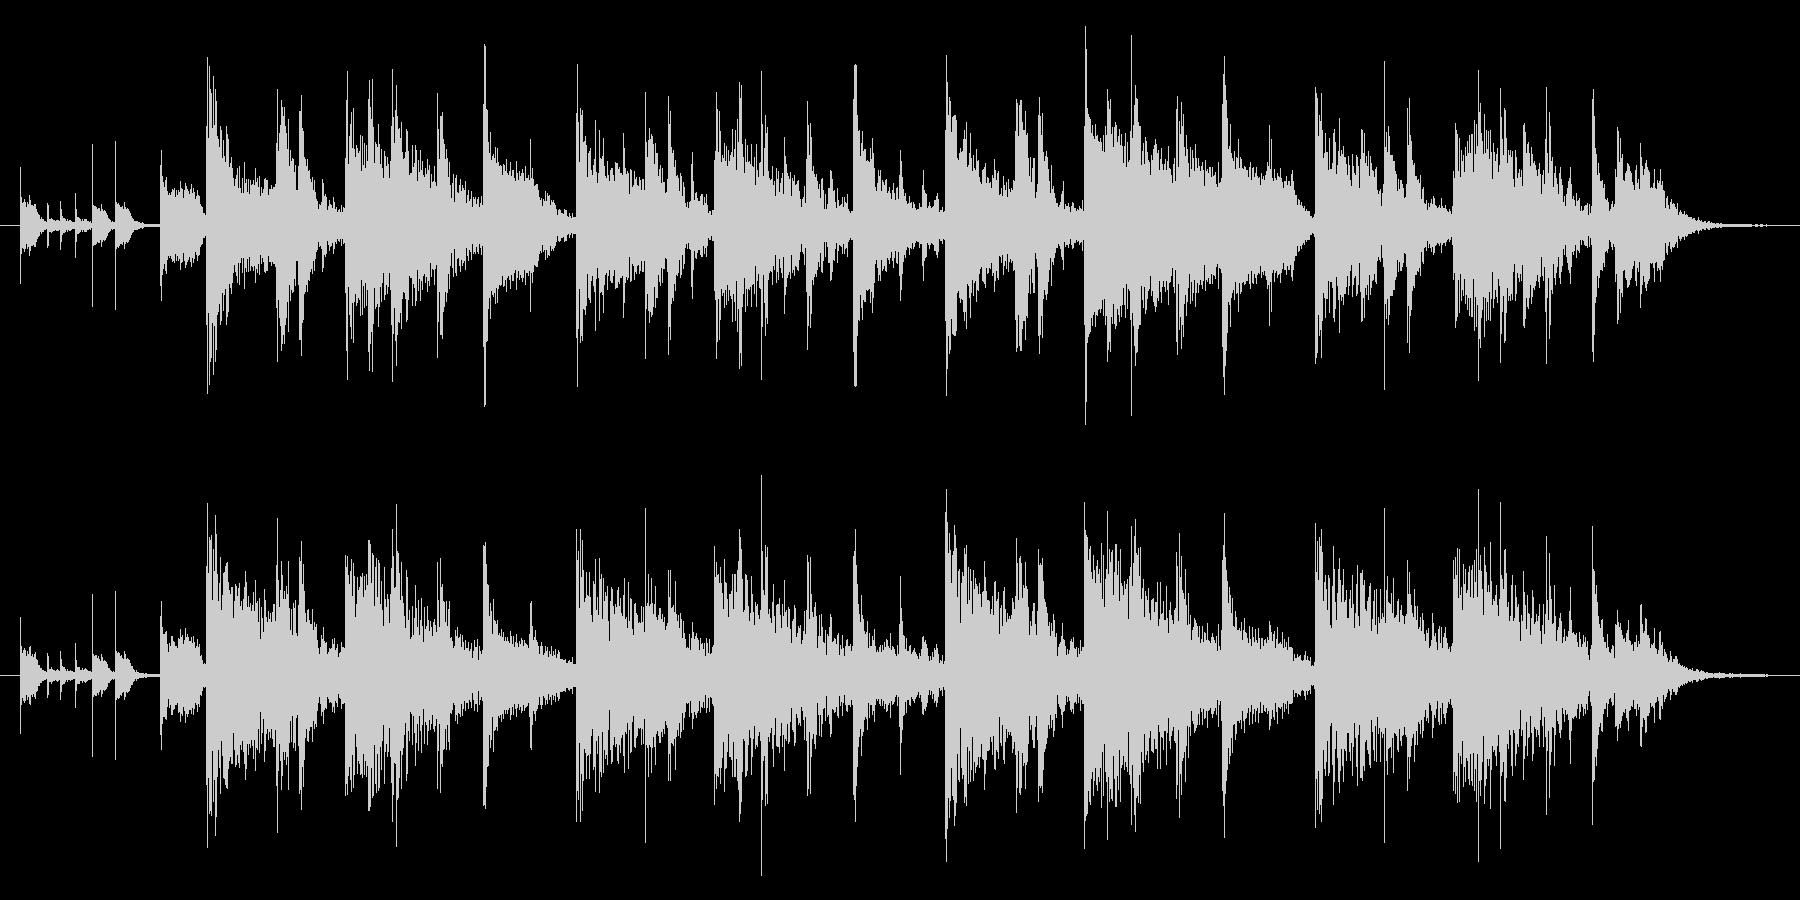 ファンク/ギター/ラジオ/ジングルの未再生の波形